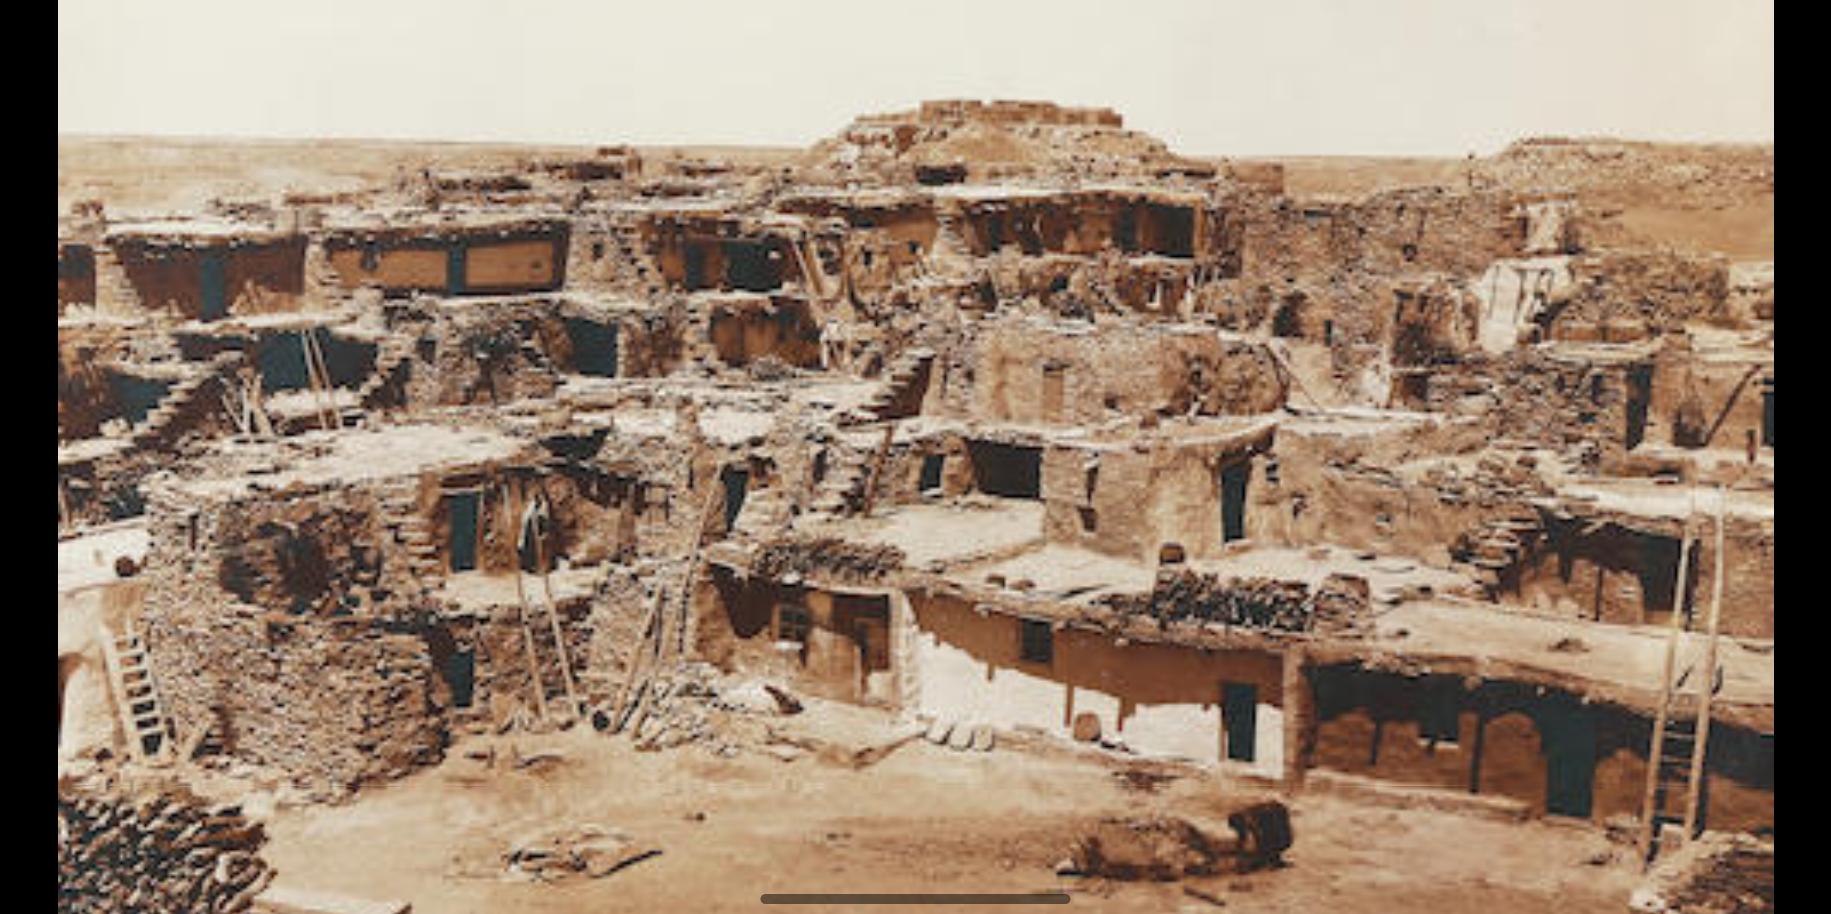 Мишоннови, Вторая резервация меса-хопи, ок. 1906 г. © Эдвард Кертис